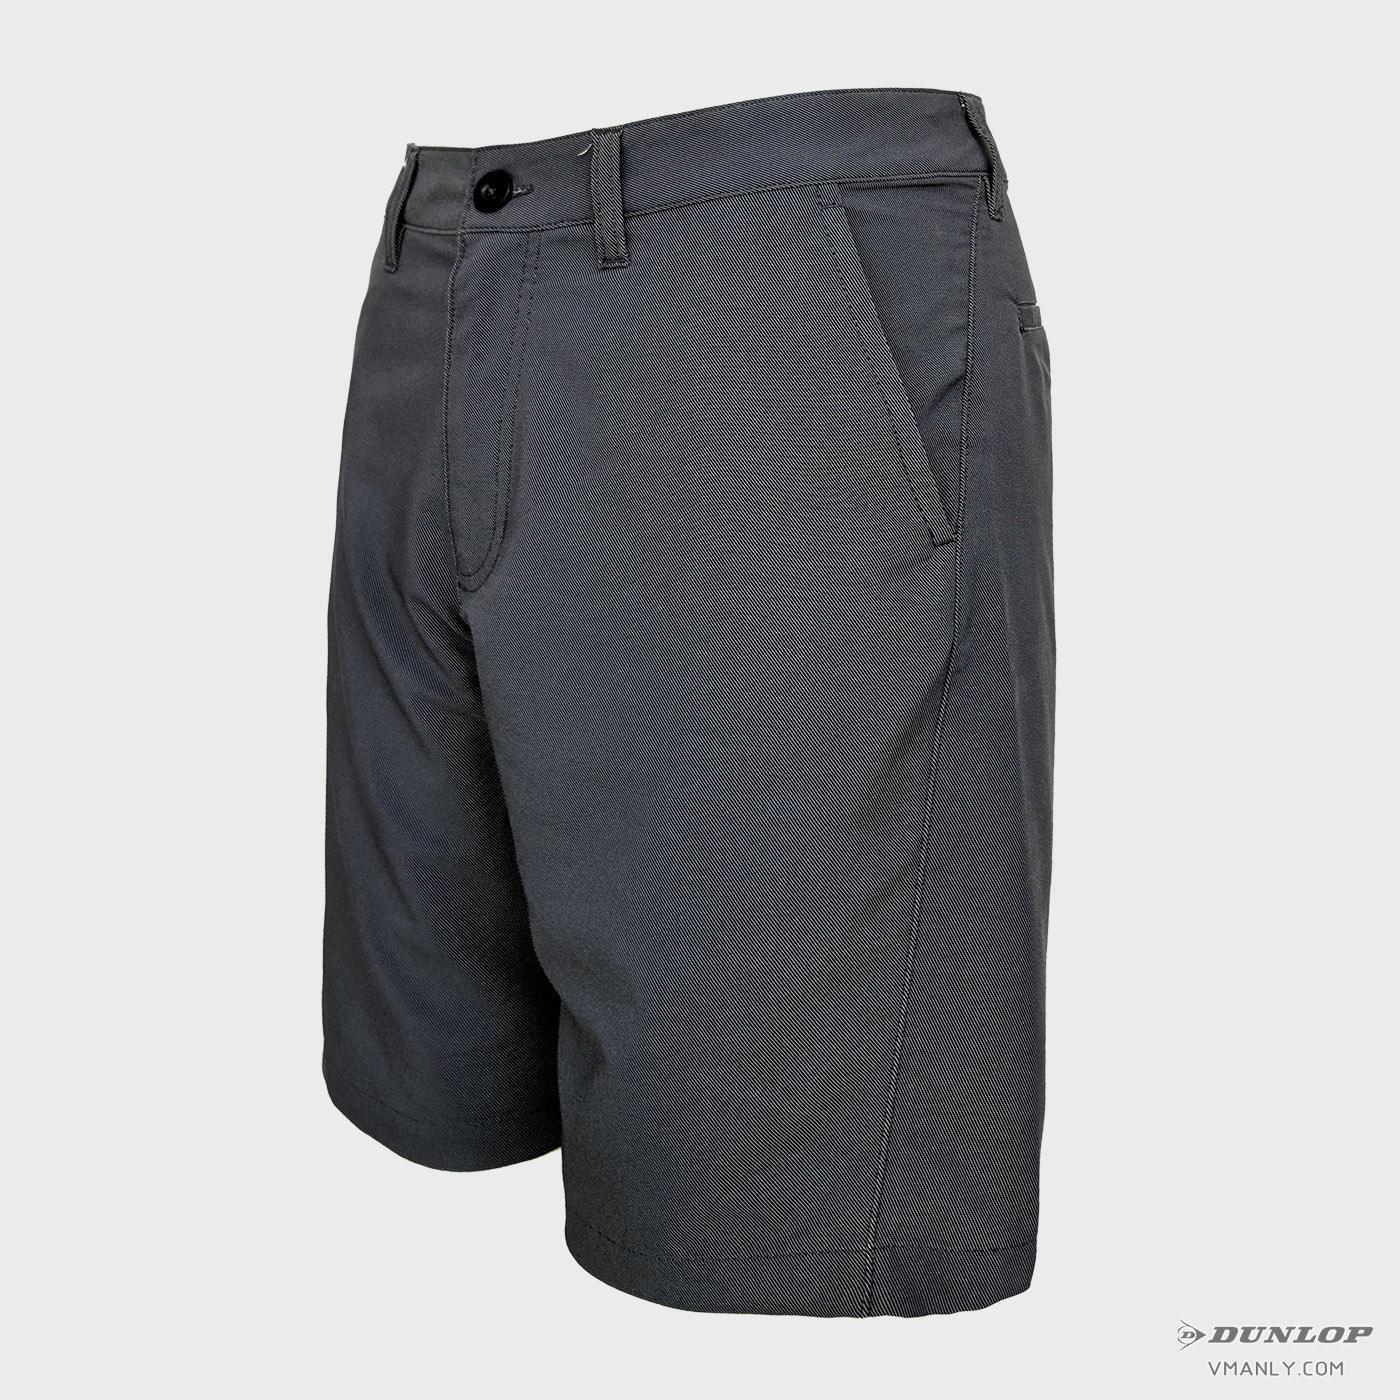 Quần short nam DUNLOP màu xanh navy DQSLS9030-1S-957823